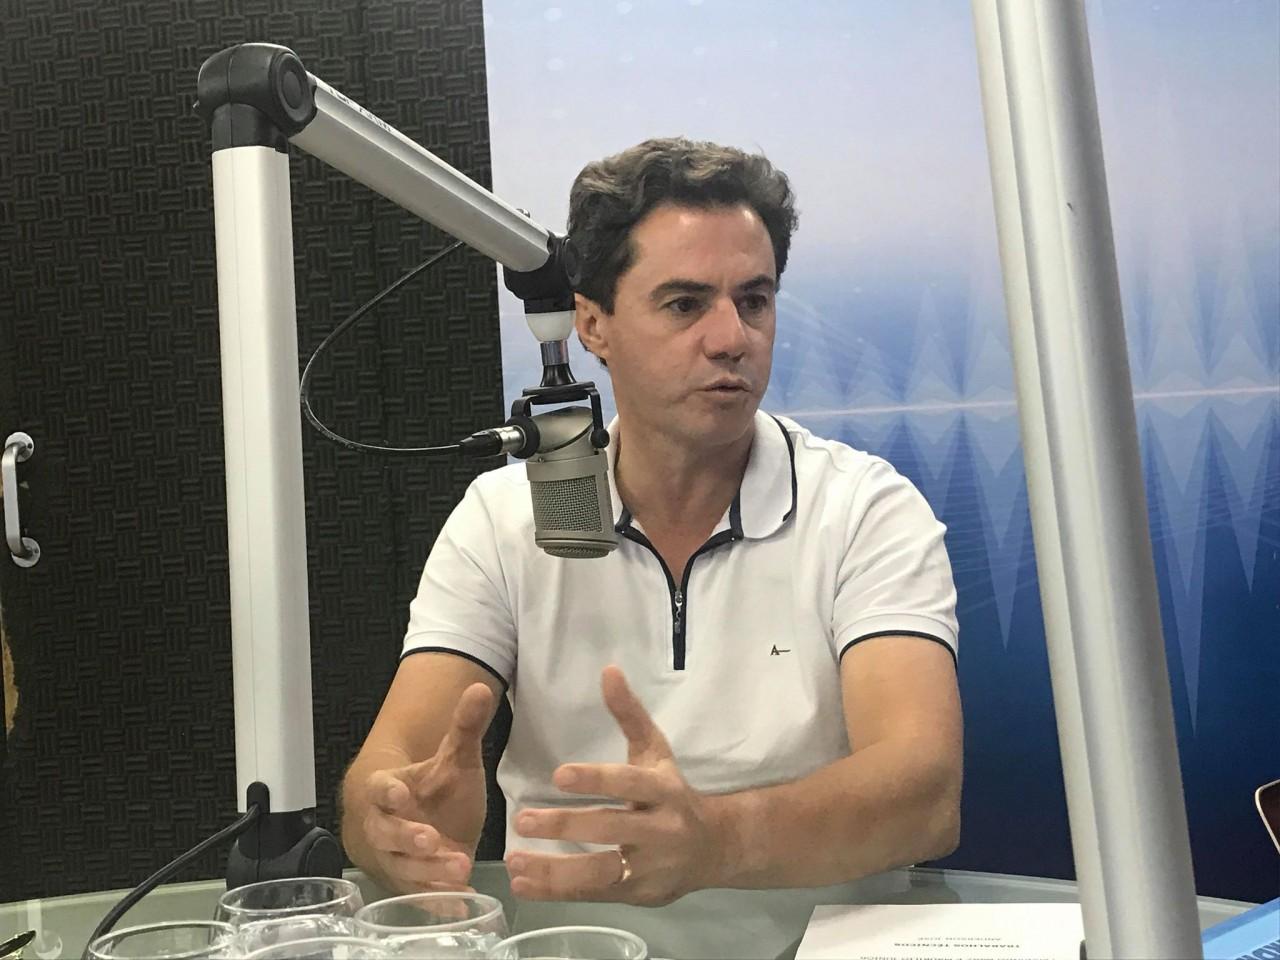 veneziano 2 - Veneziano diz que não mudara de opinião sobre apoio ao candidato a presidente 'não sou oportunista' - VEJA VÍDEOS